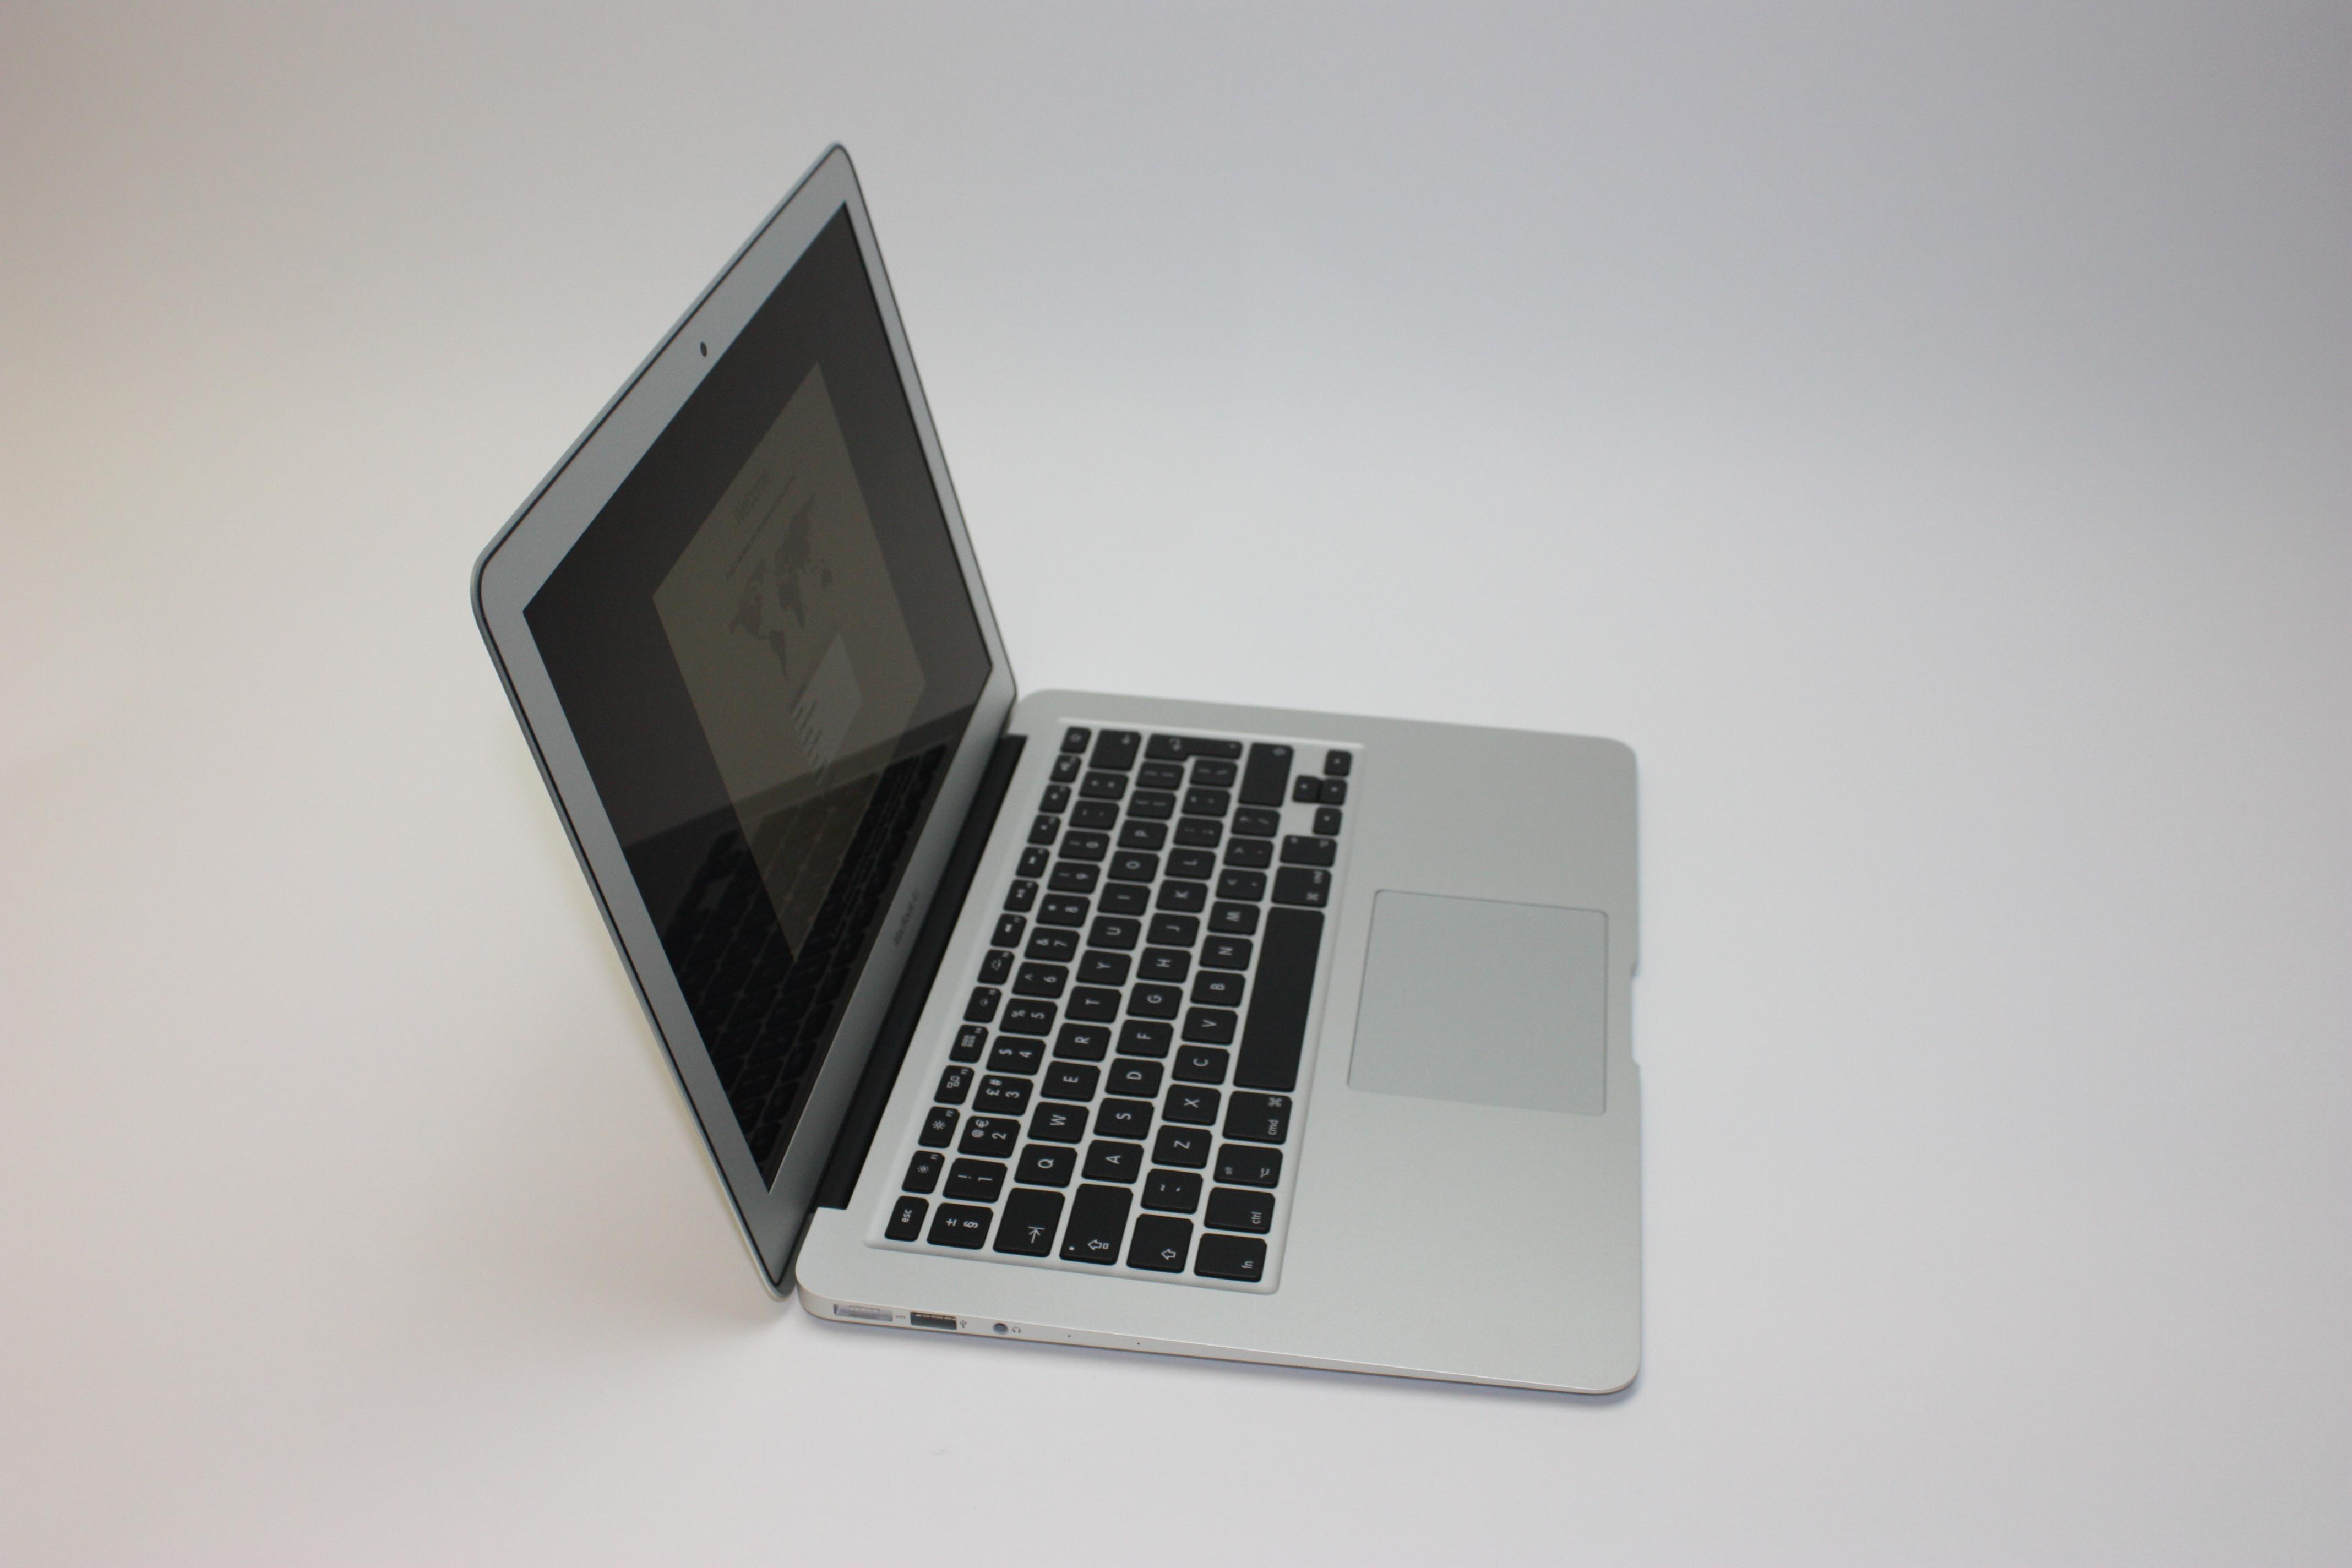 MacBook Air 13-inch, 1.8 GHz Core i5 (I5-5350U), 8 GB 1600 MHz DDR3, 128 GB Flash Storage, image 3